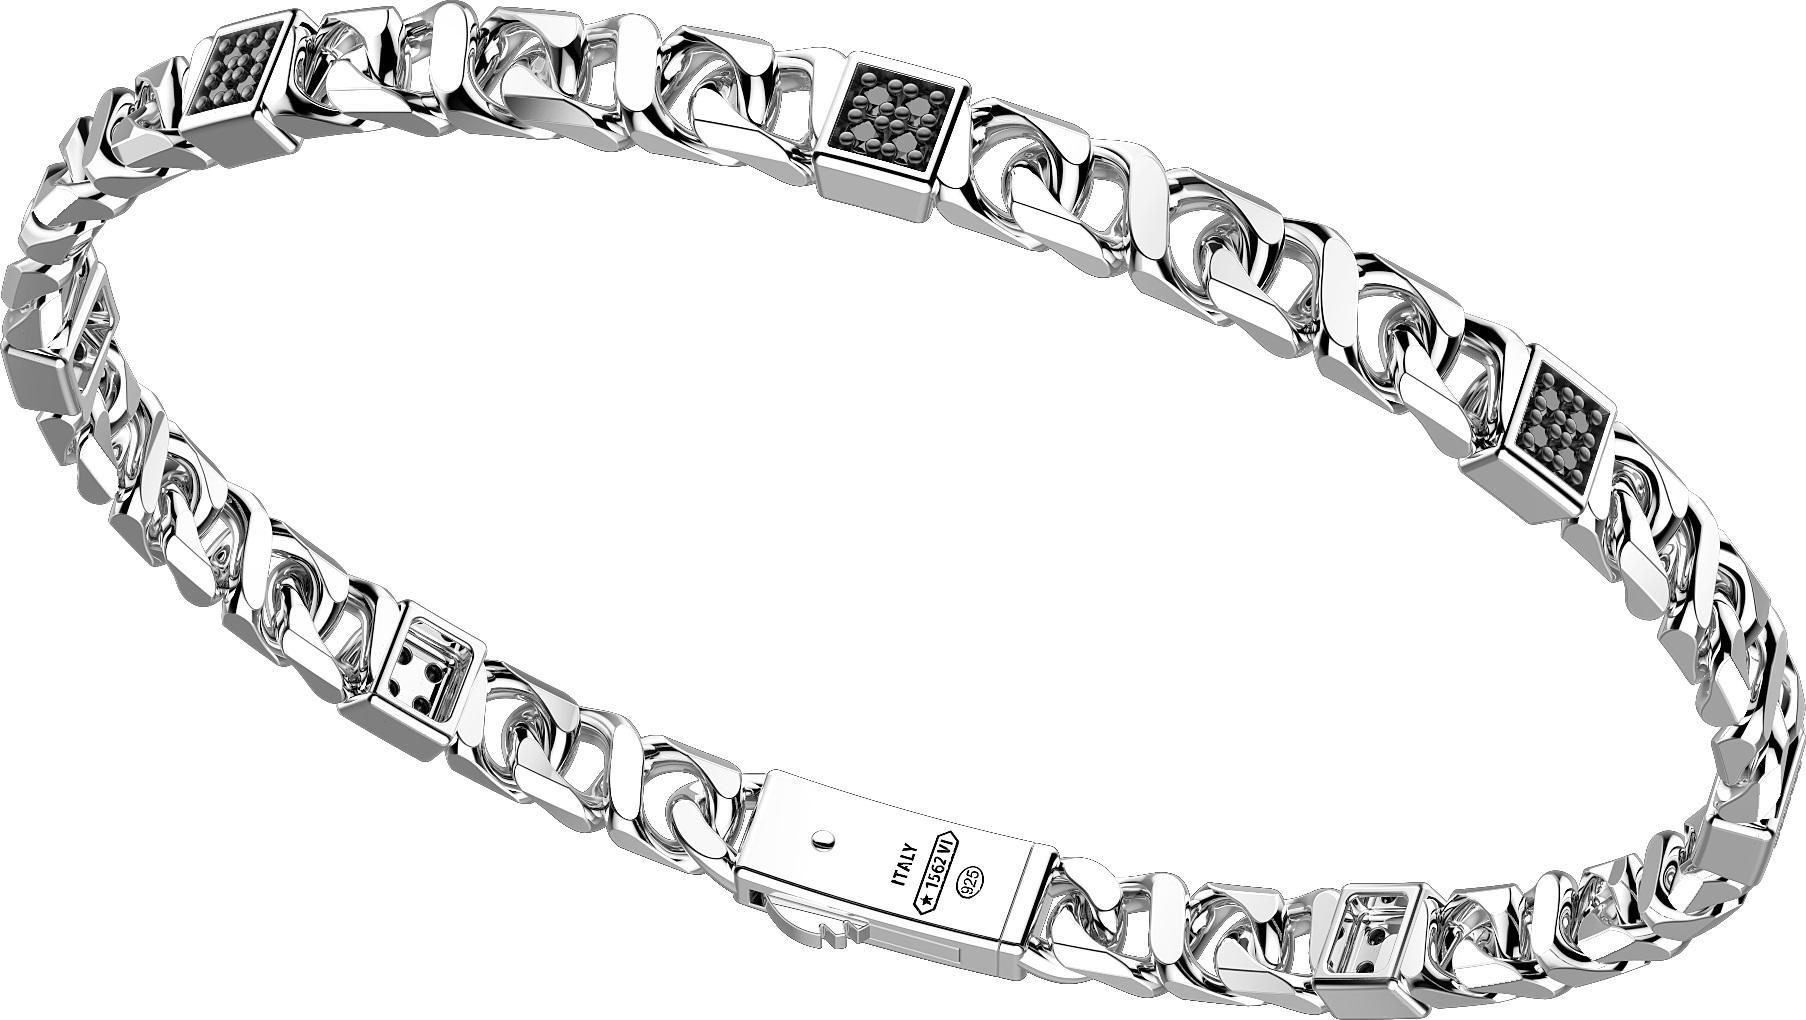 bracciale zabcan a catena in argento con spinelli neri